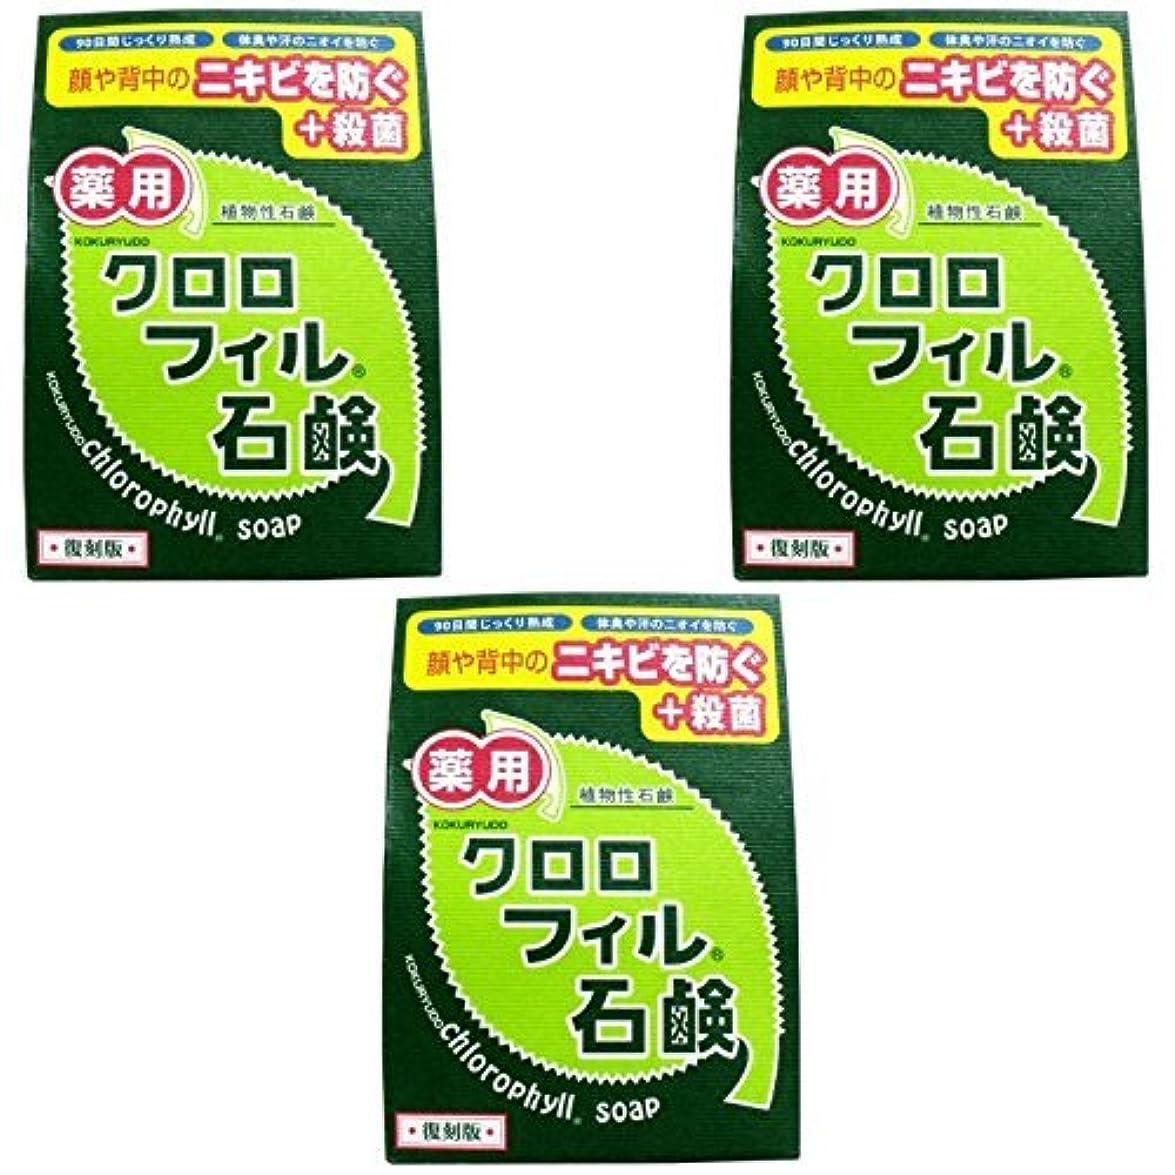 メニューまたね疼痛【まとめ買い】クロロフィル石鹸 復刻版 85g (医薬部外品)【×3個】